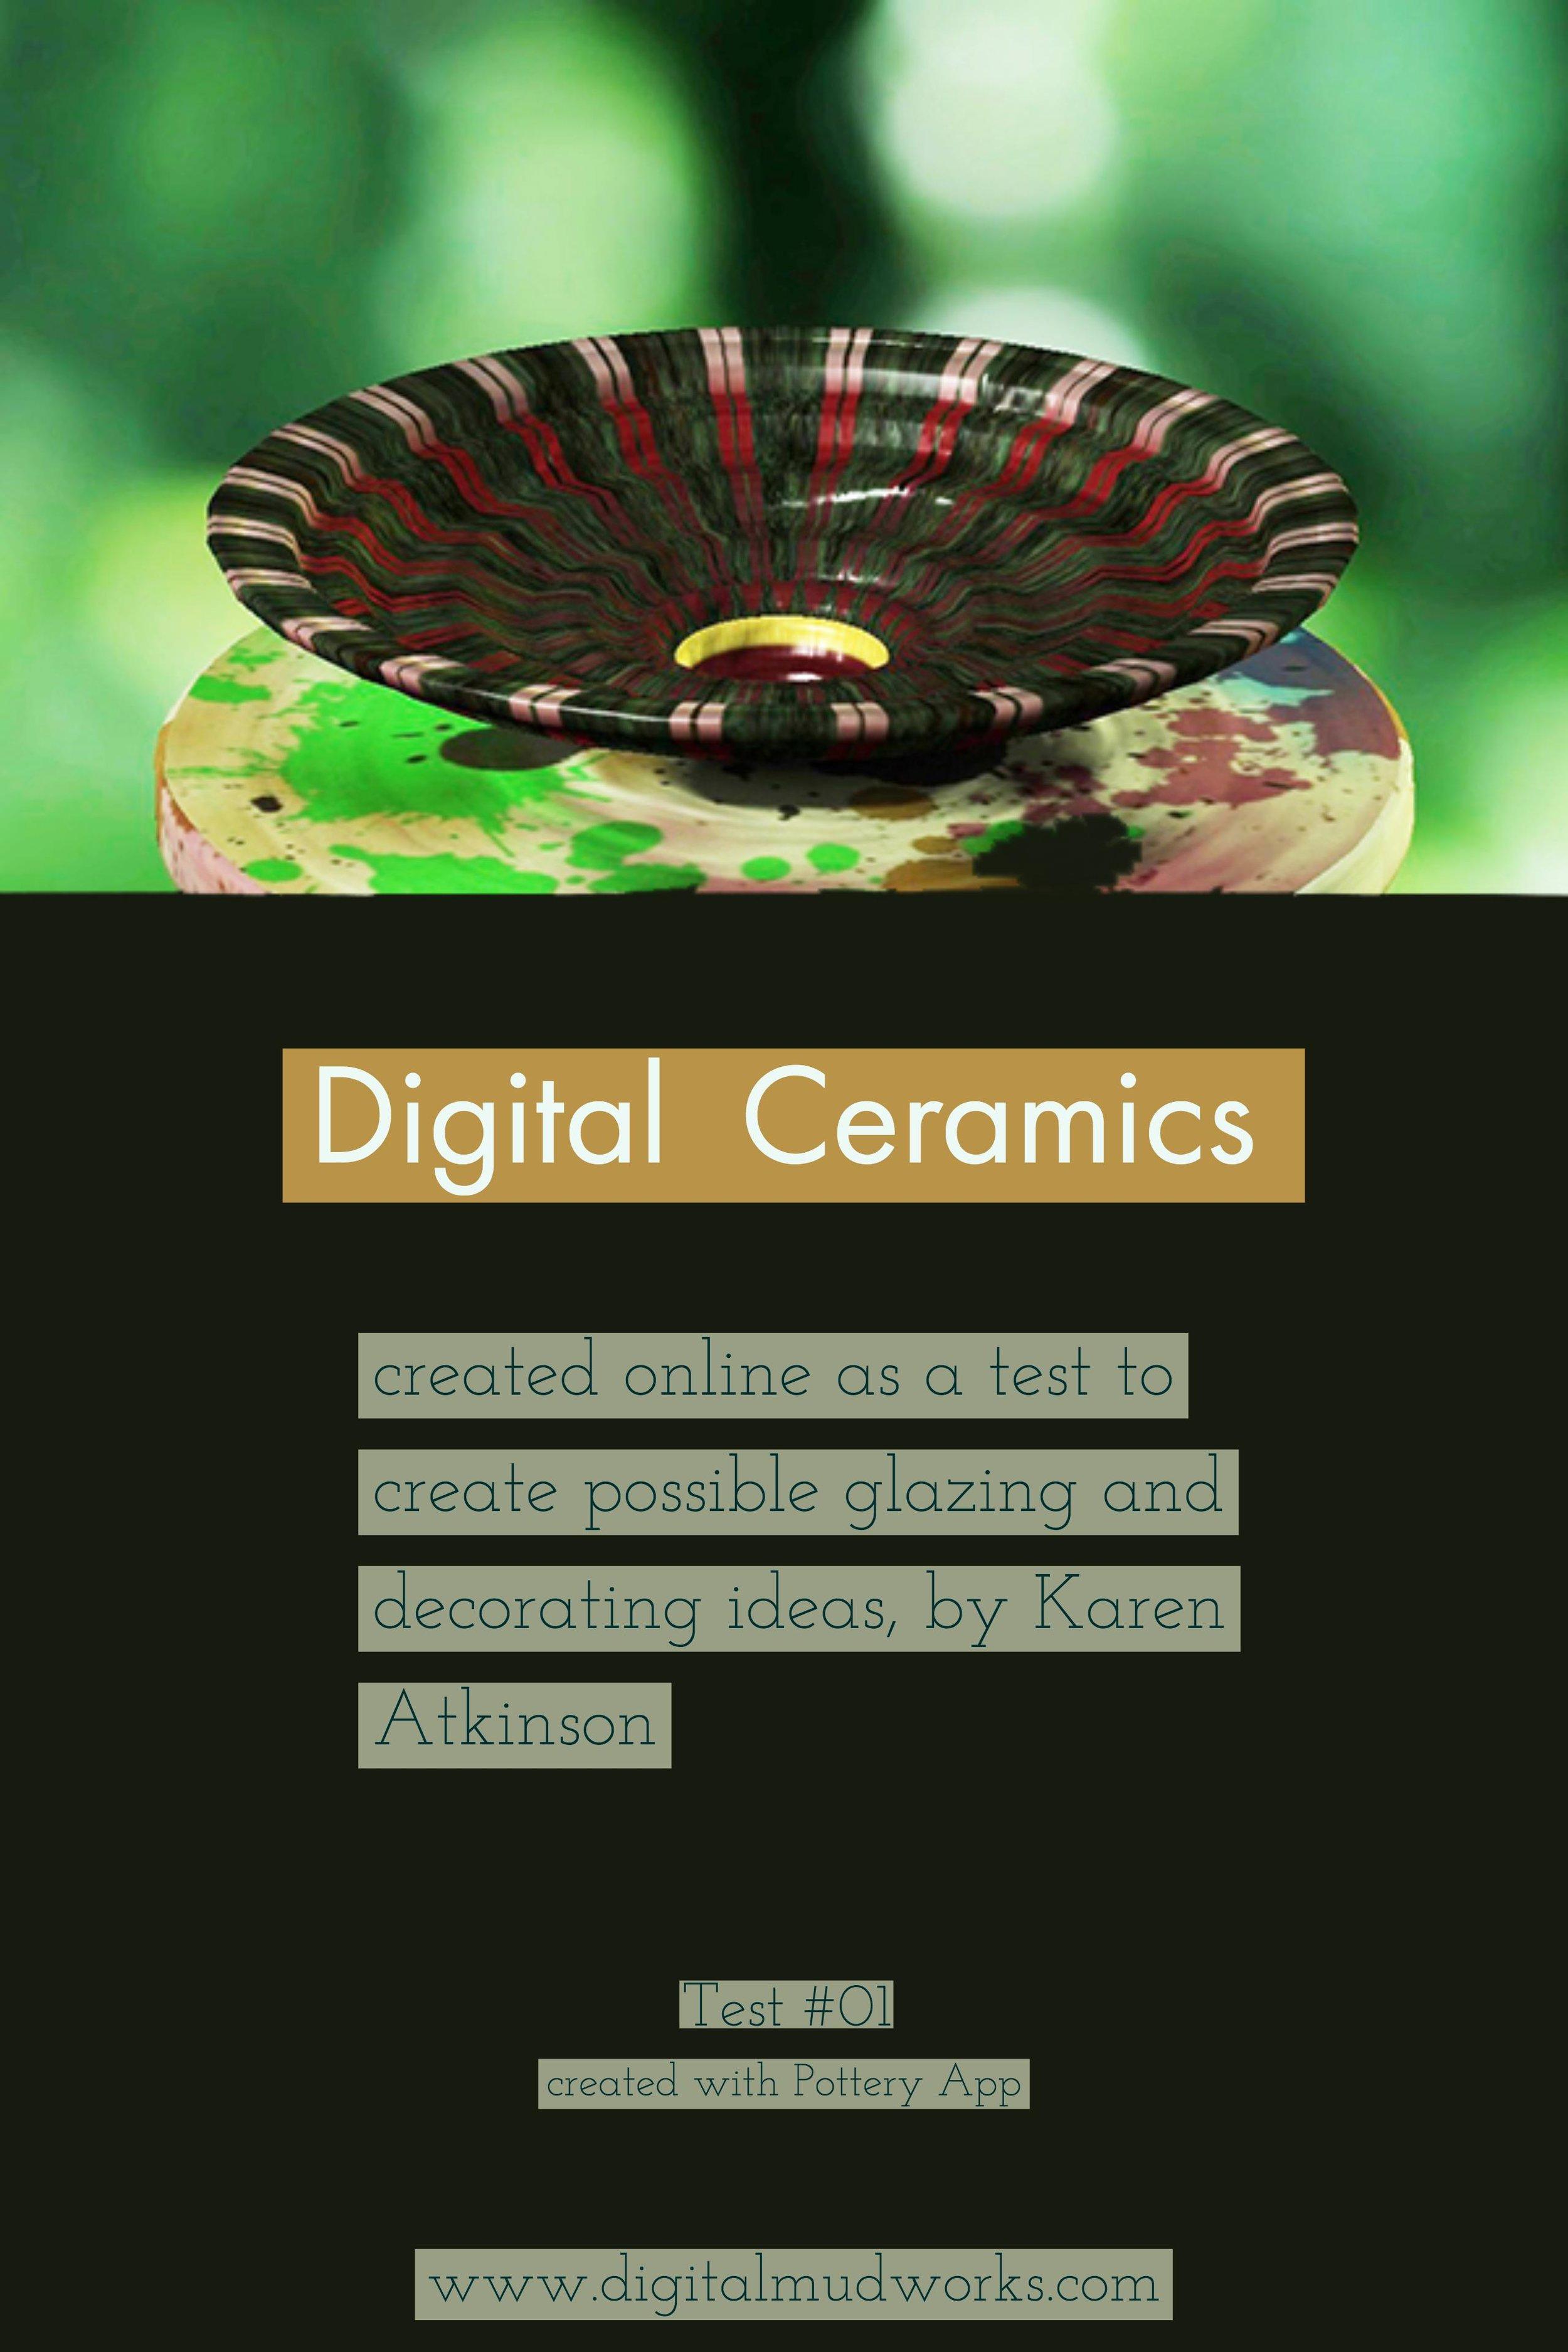 Digital Ceramics Test 01, using a computer app to do glaze and design tests. by Karen Atkinson